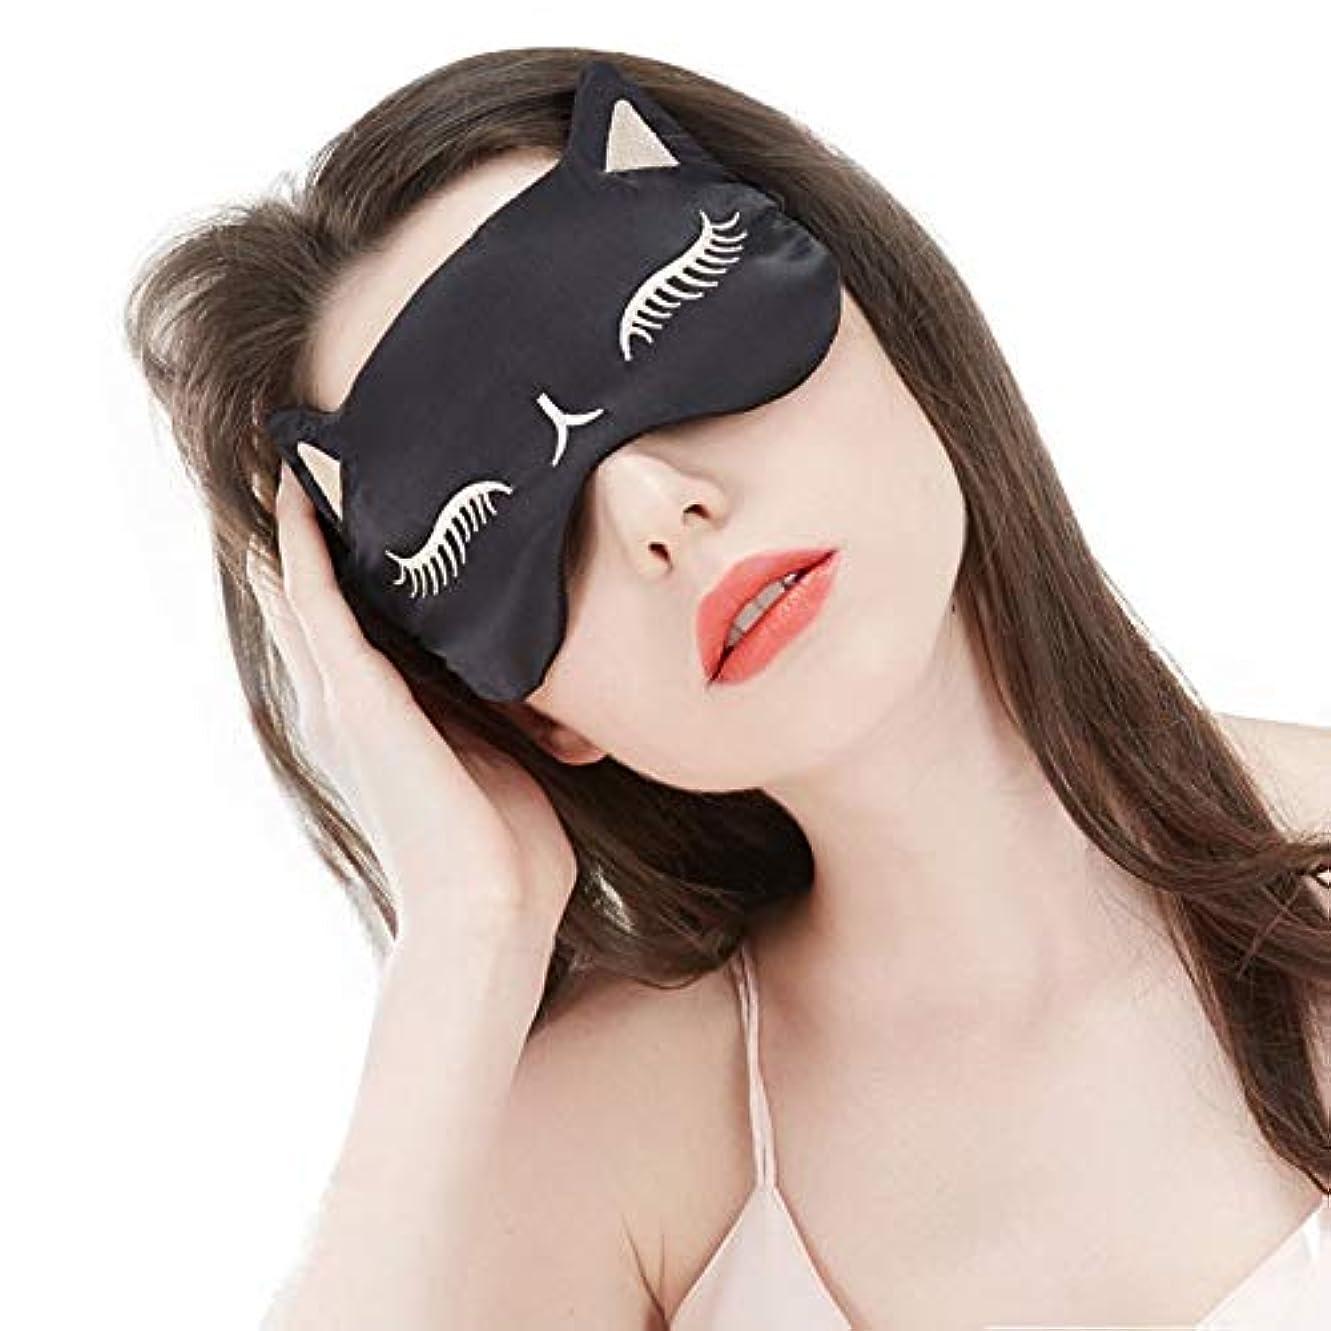 リスキーなグローブ対処する注天然桑シルクかわいい猫睡眠アイマスク付き弾性ストラップ旅行ホームナイト睡眠アイパッチ